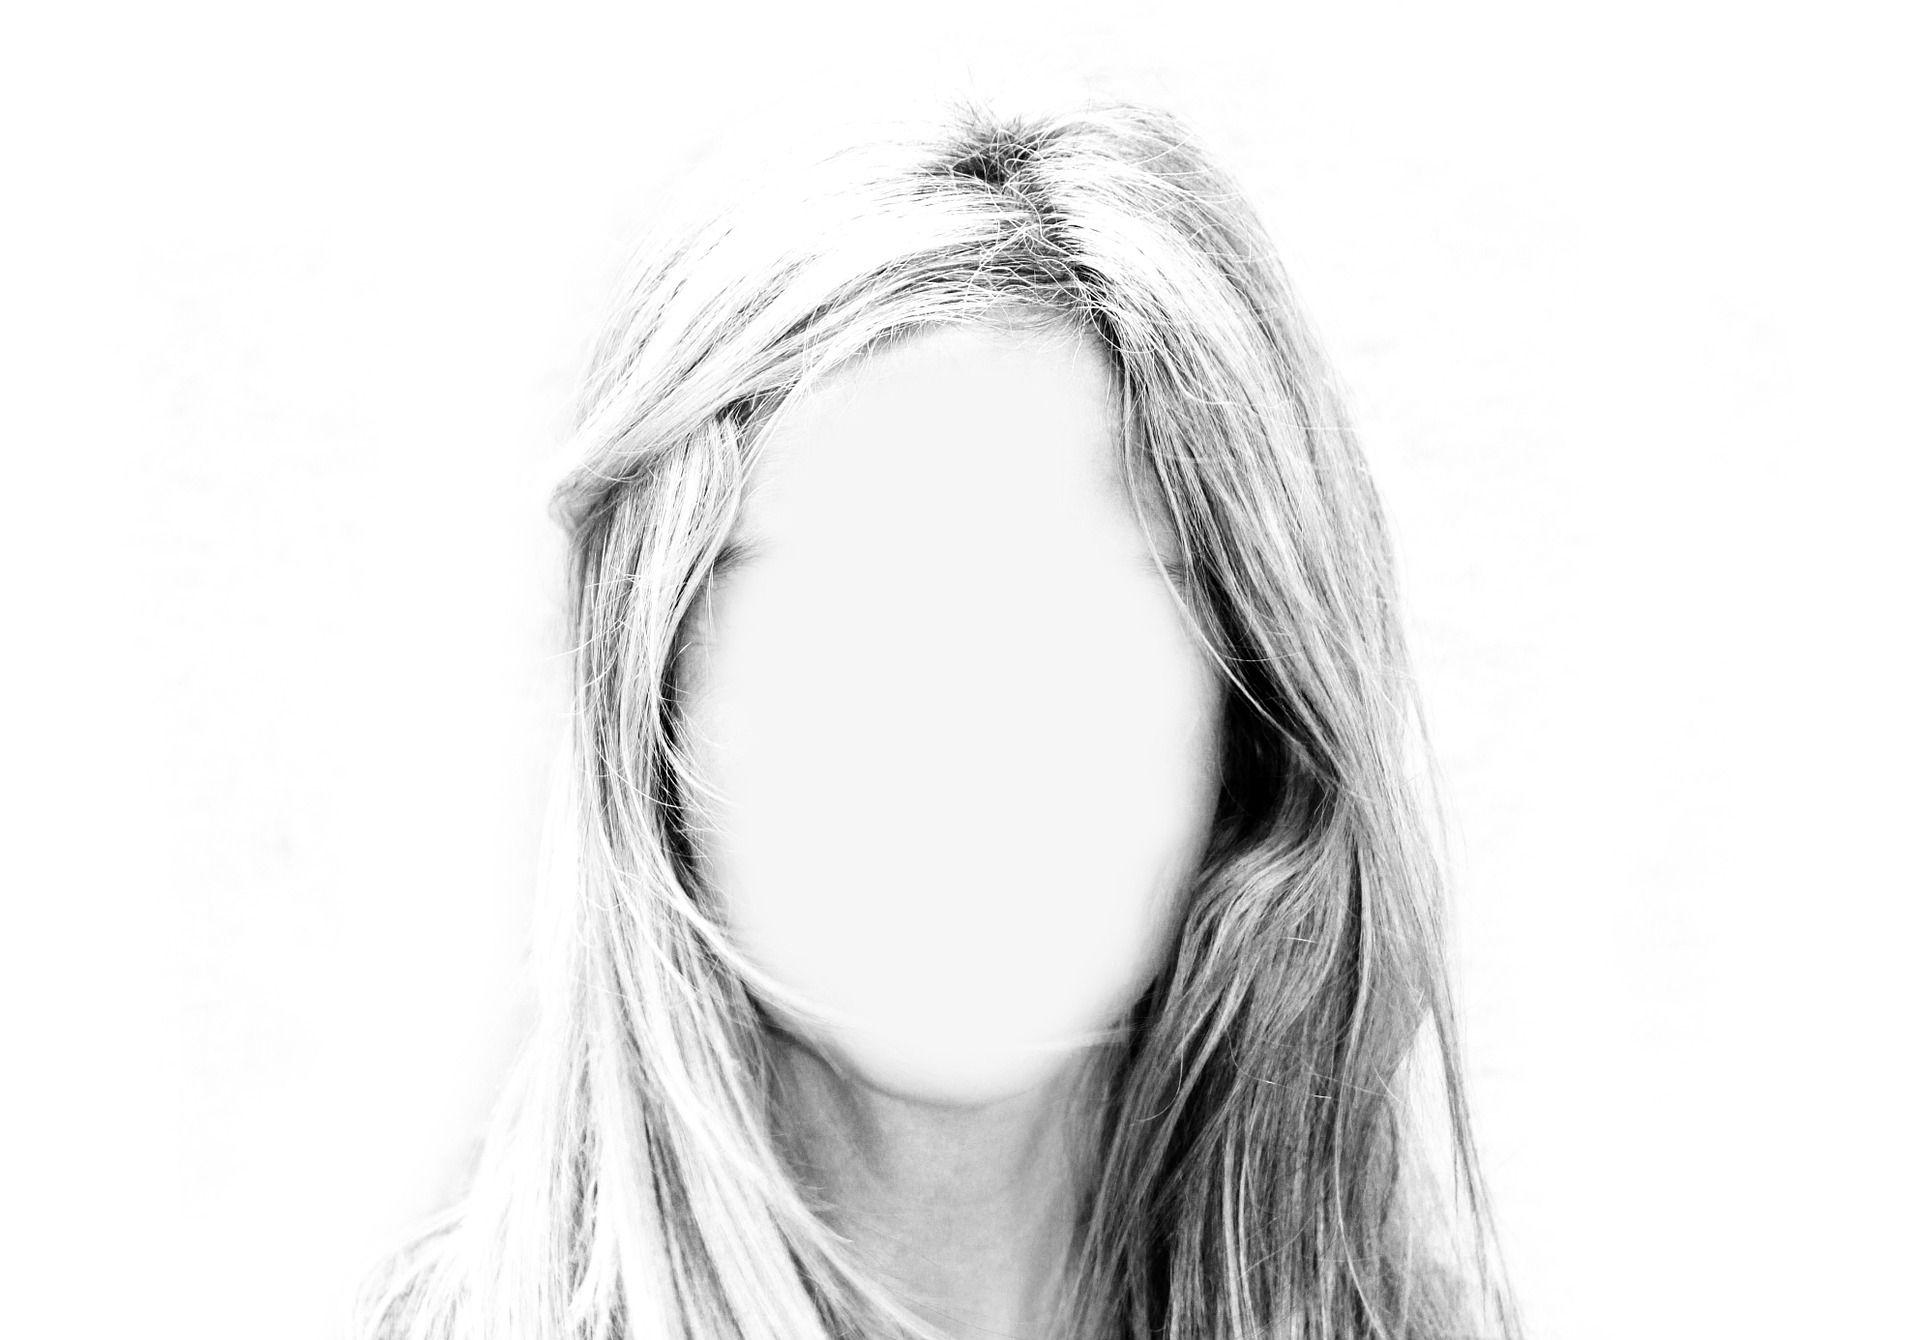 """#Donne & #Depressione. Donne tre volte più depresse degli uomini. Lo psicoterapeuta: """"Non bisogna sentirsi in colpa di non essere abbastanza, non è così! L'eccesso di perfezionismo è nocivo"""" http://www.ilsitodelledonne.it/?p=16203"""